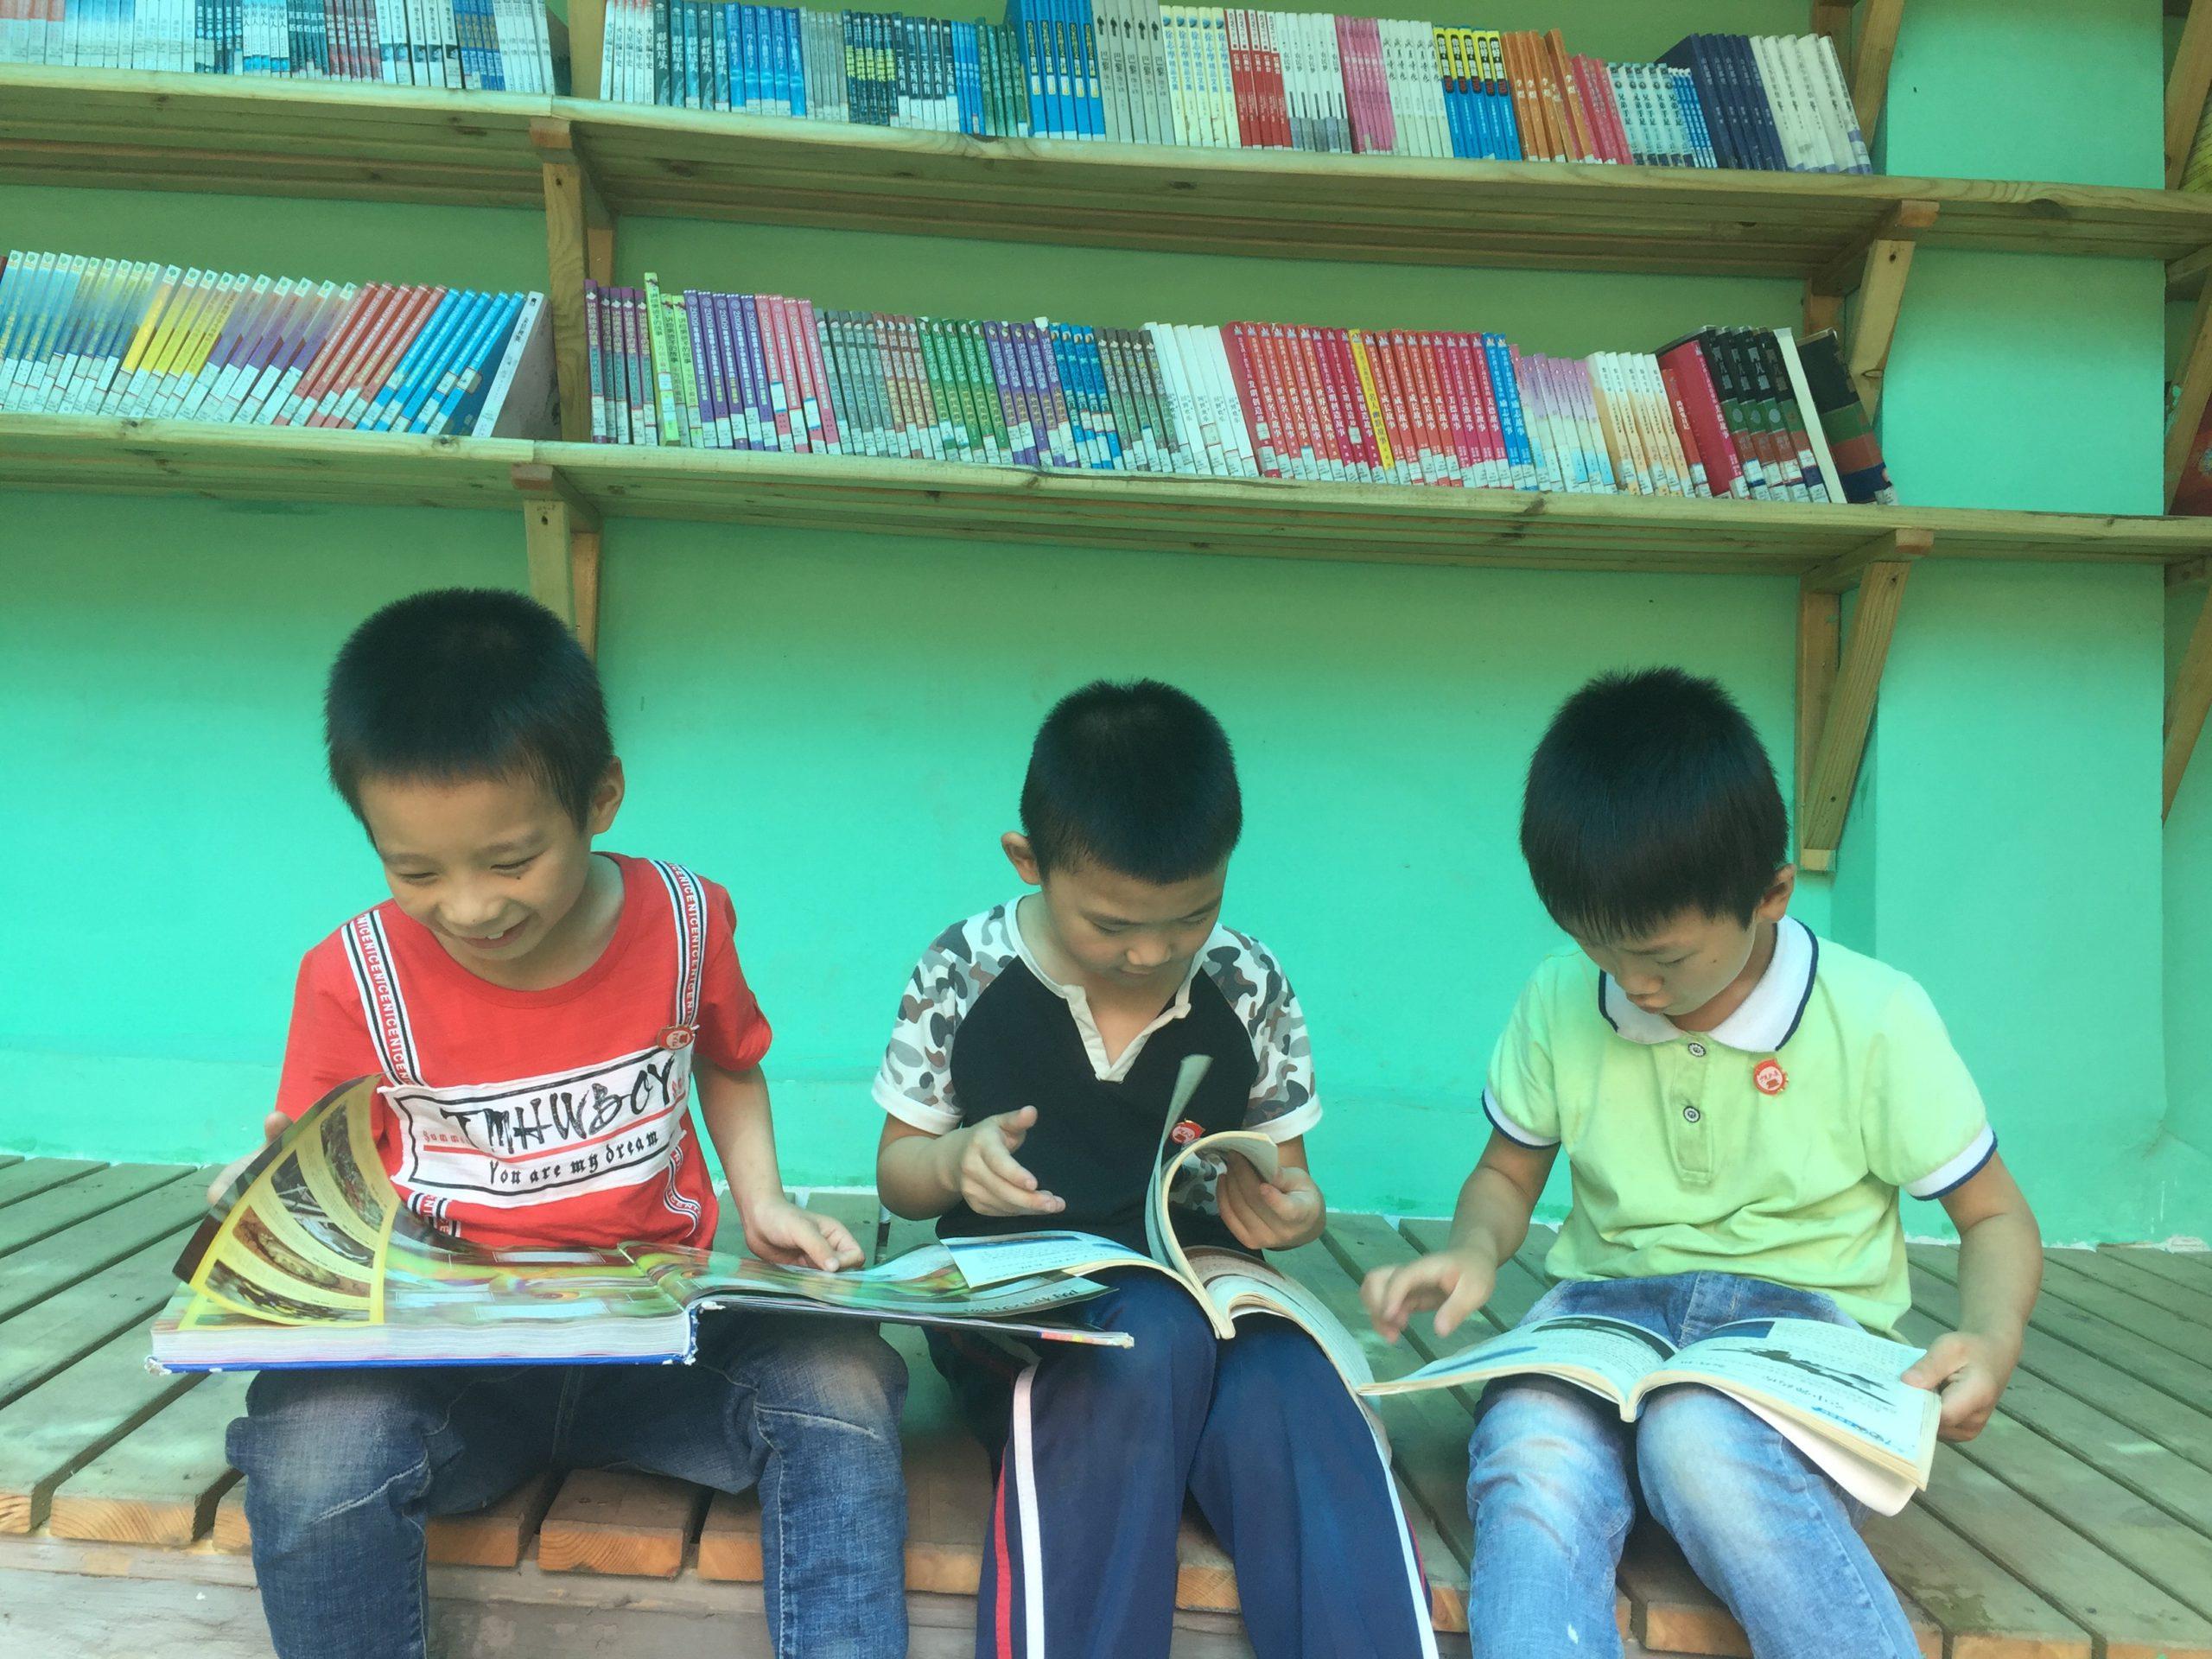 世界读书日|让读书成为习惯,让书香飘逸校园